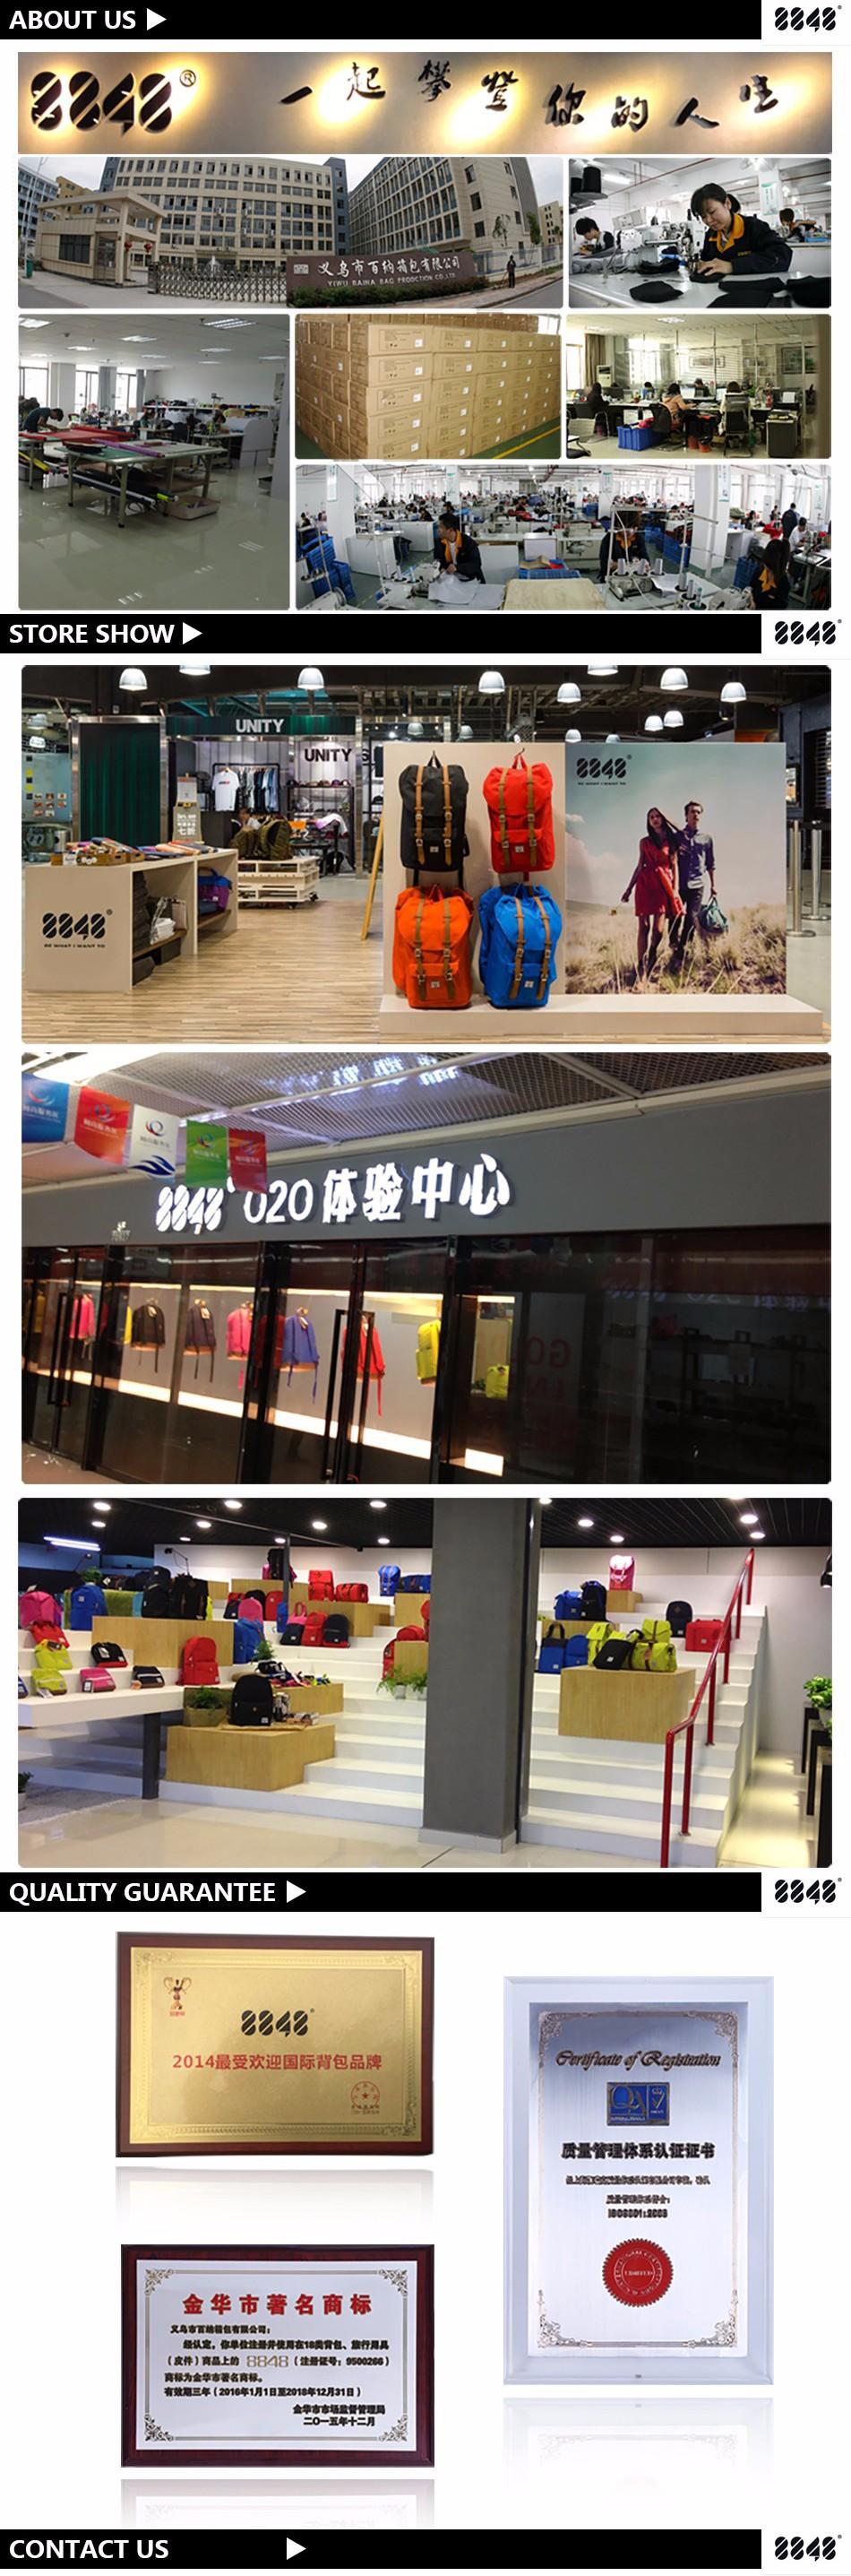 xiangqing